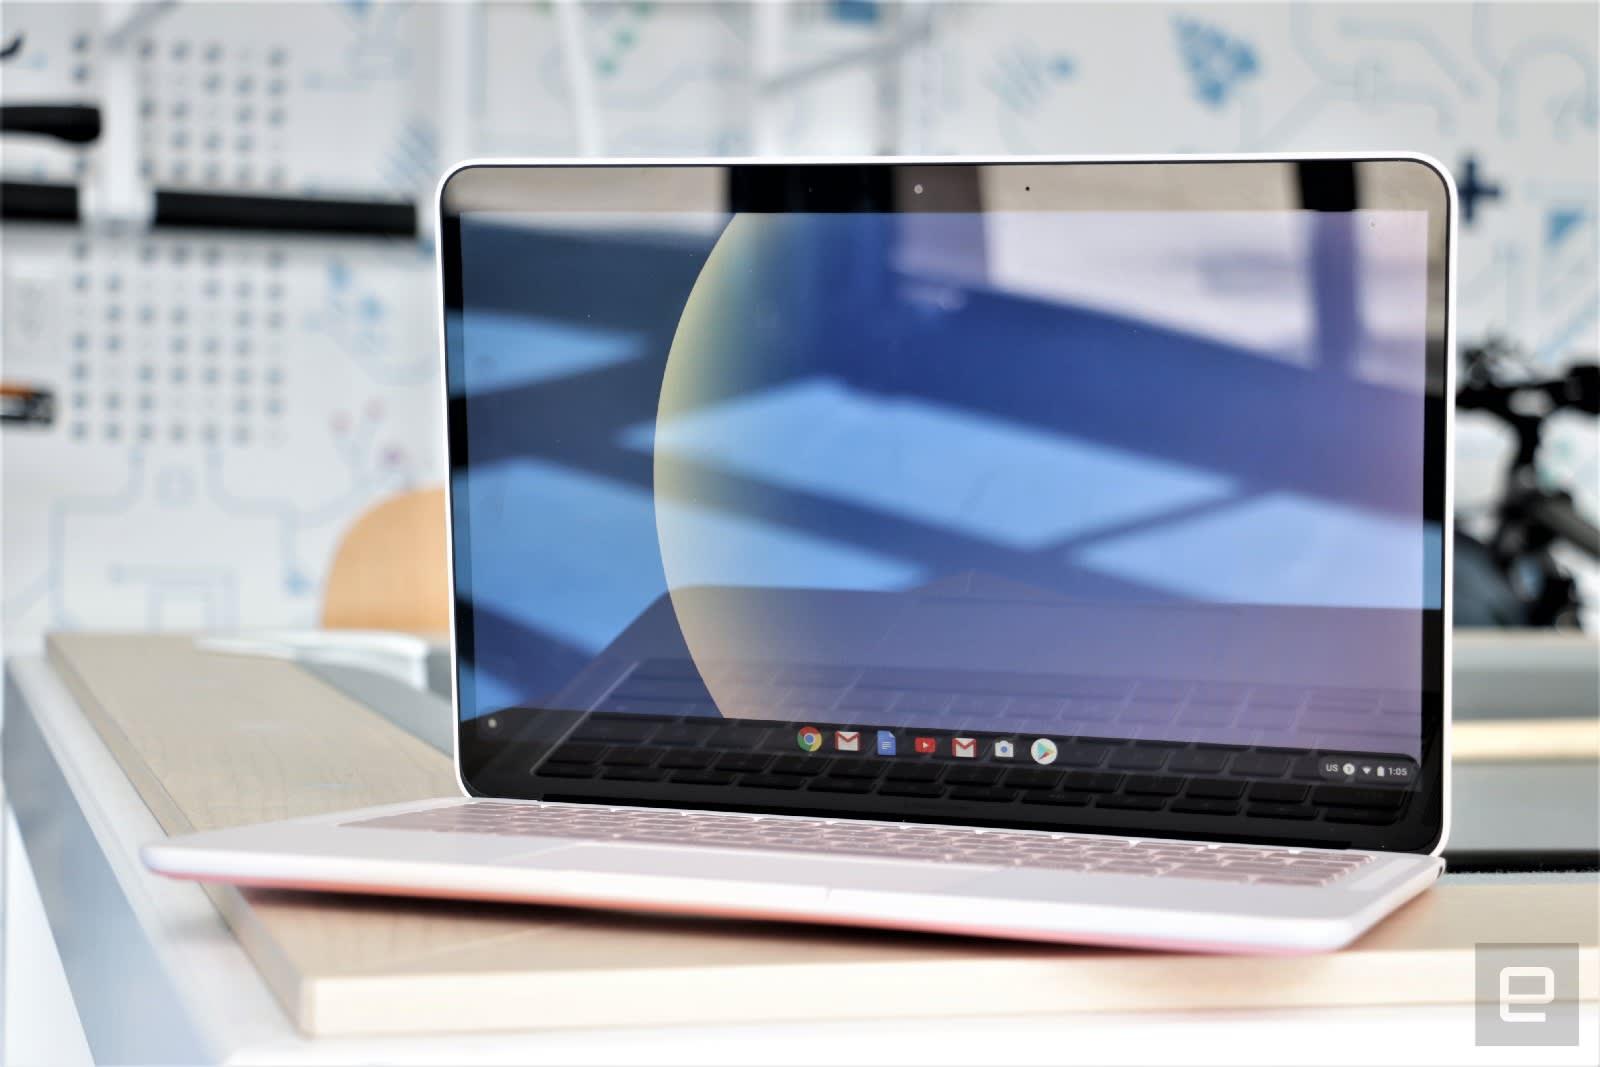 Google Pixelbook Go hands-on